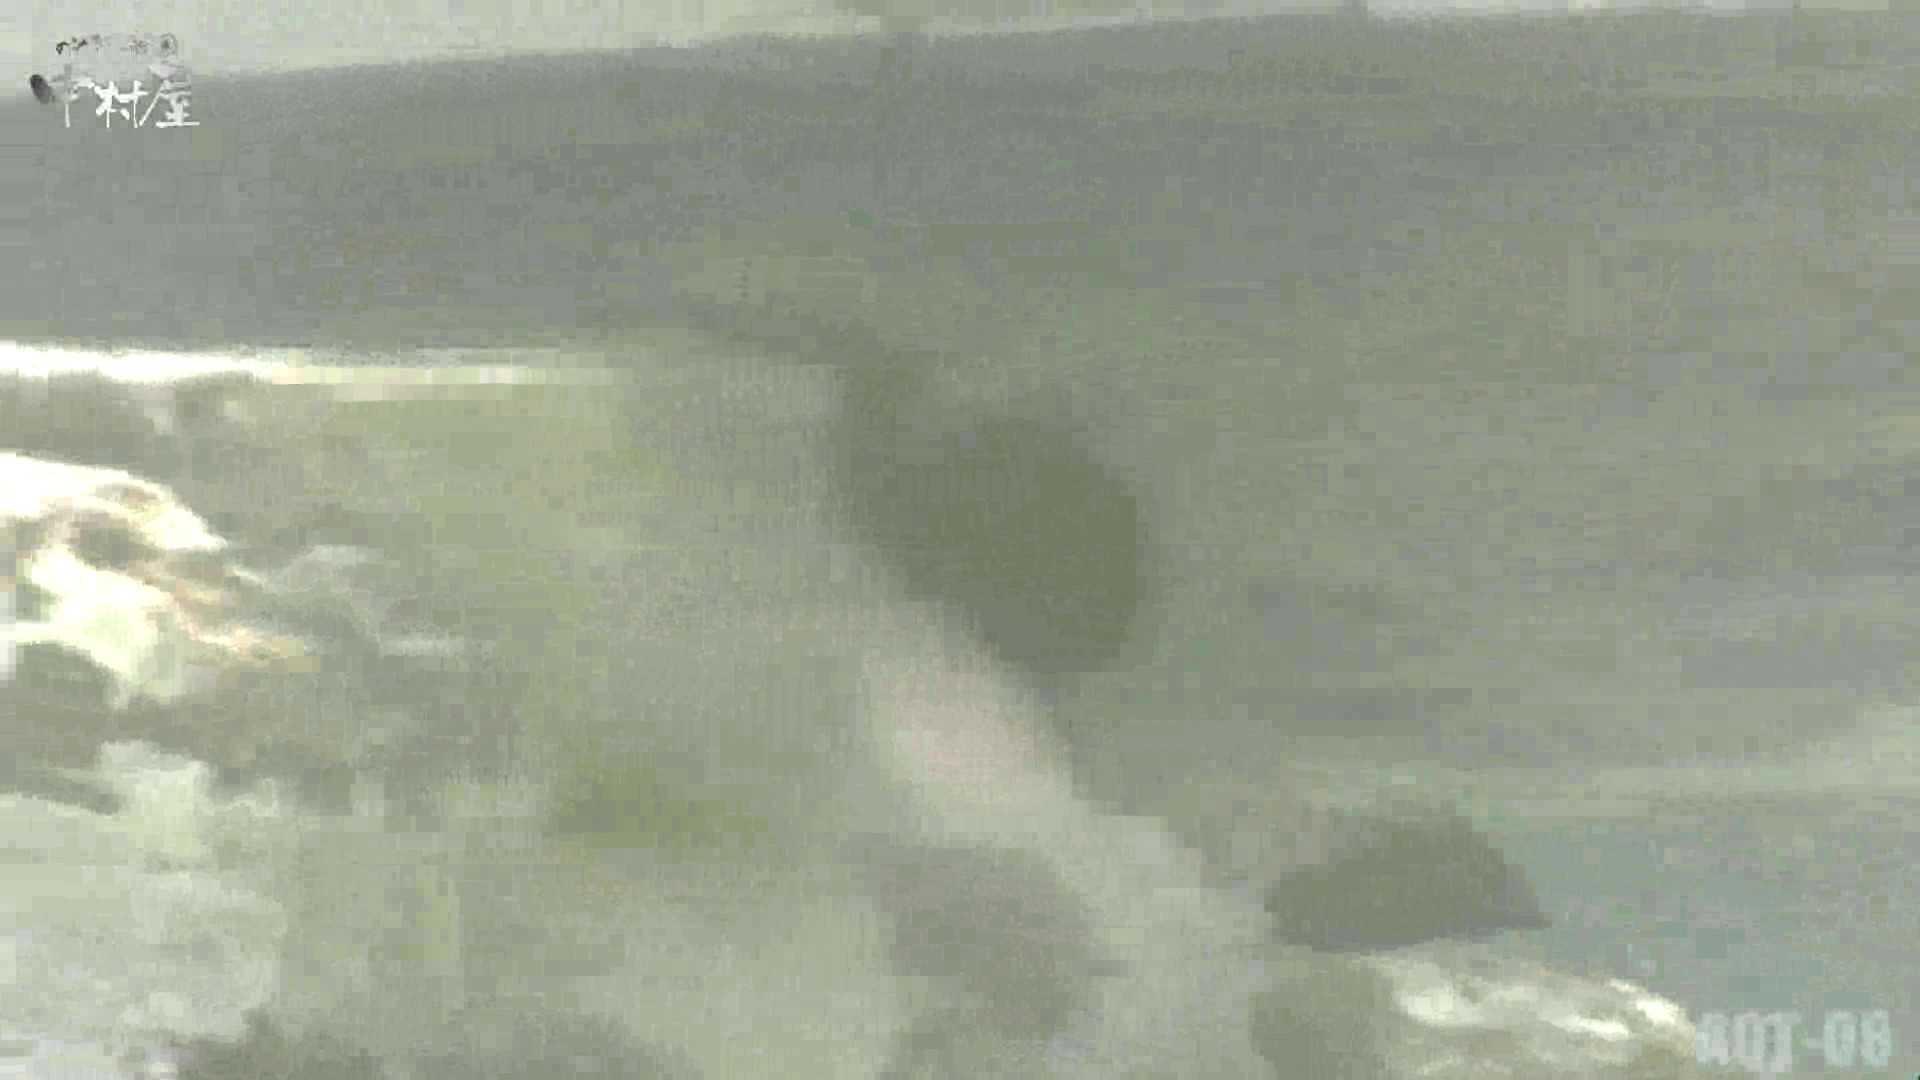 Aquaな露天風呂Vol.872潜入盗撮露天風呂八判湯 其の六 盗撮 おまんこ無修正動画無料 98連発 27